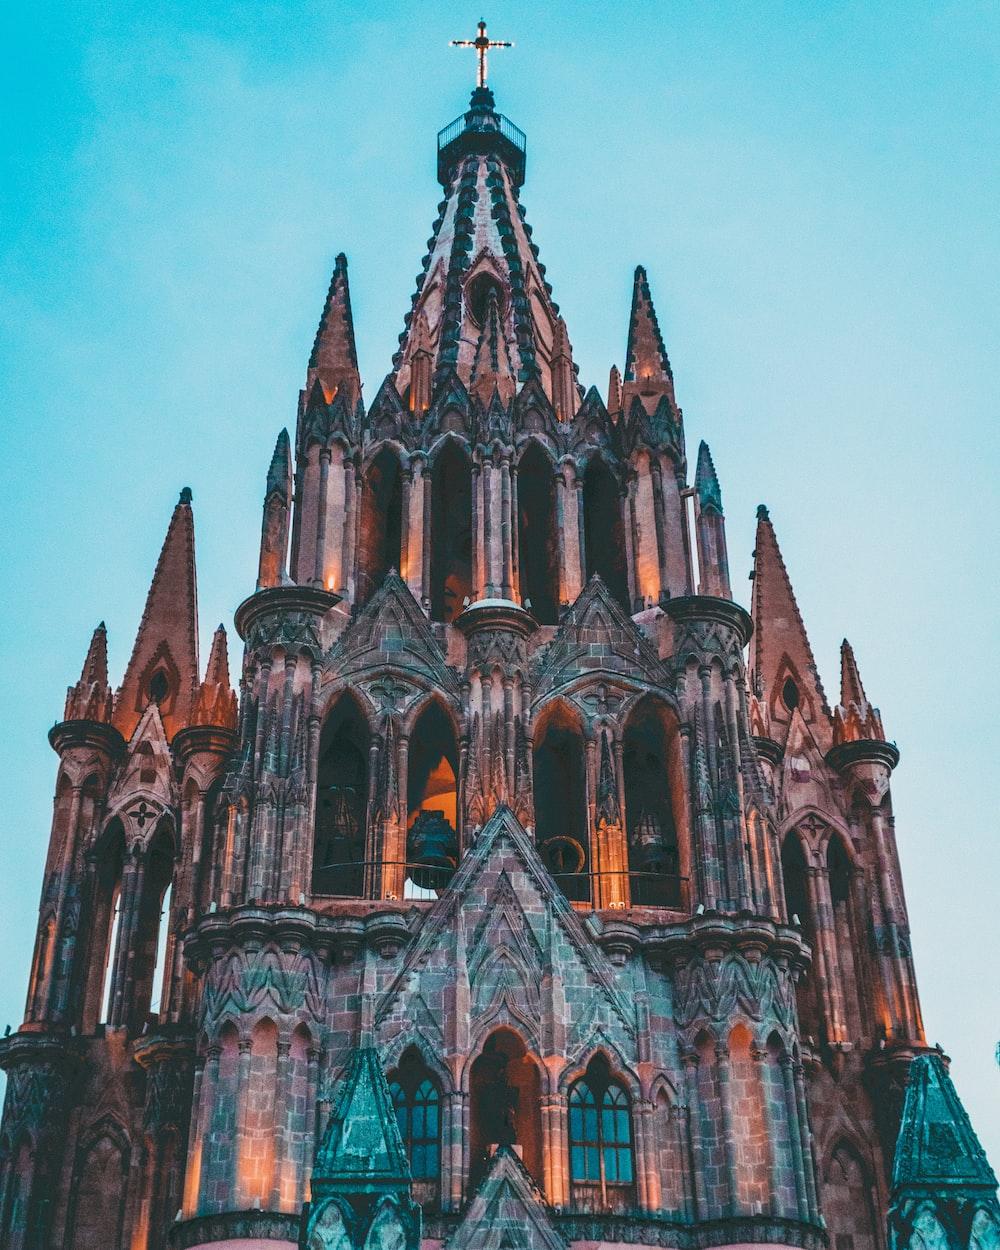 Sagrada Familia building